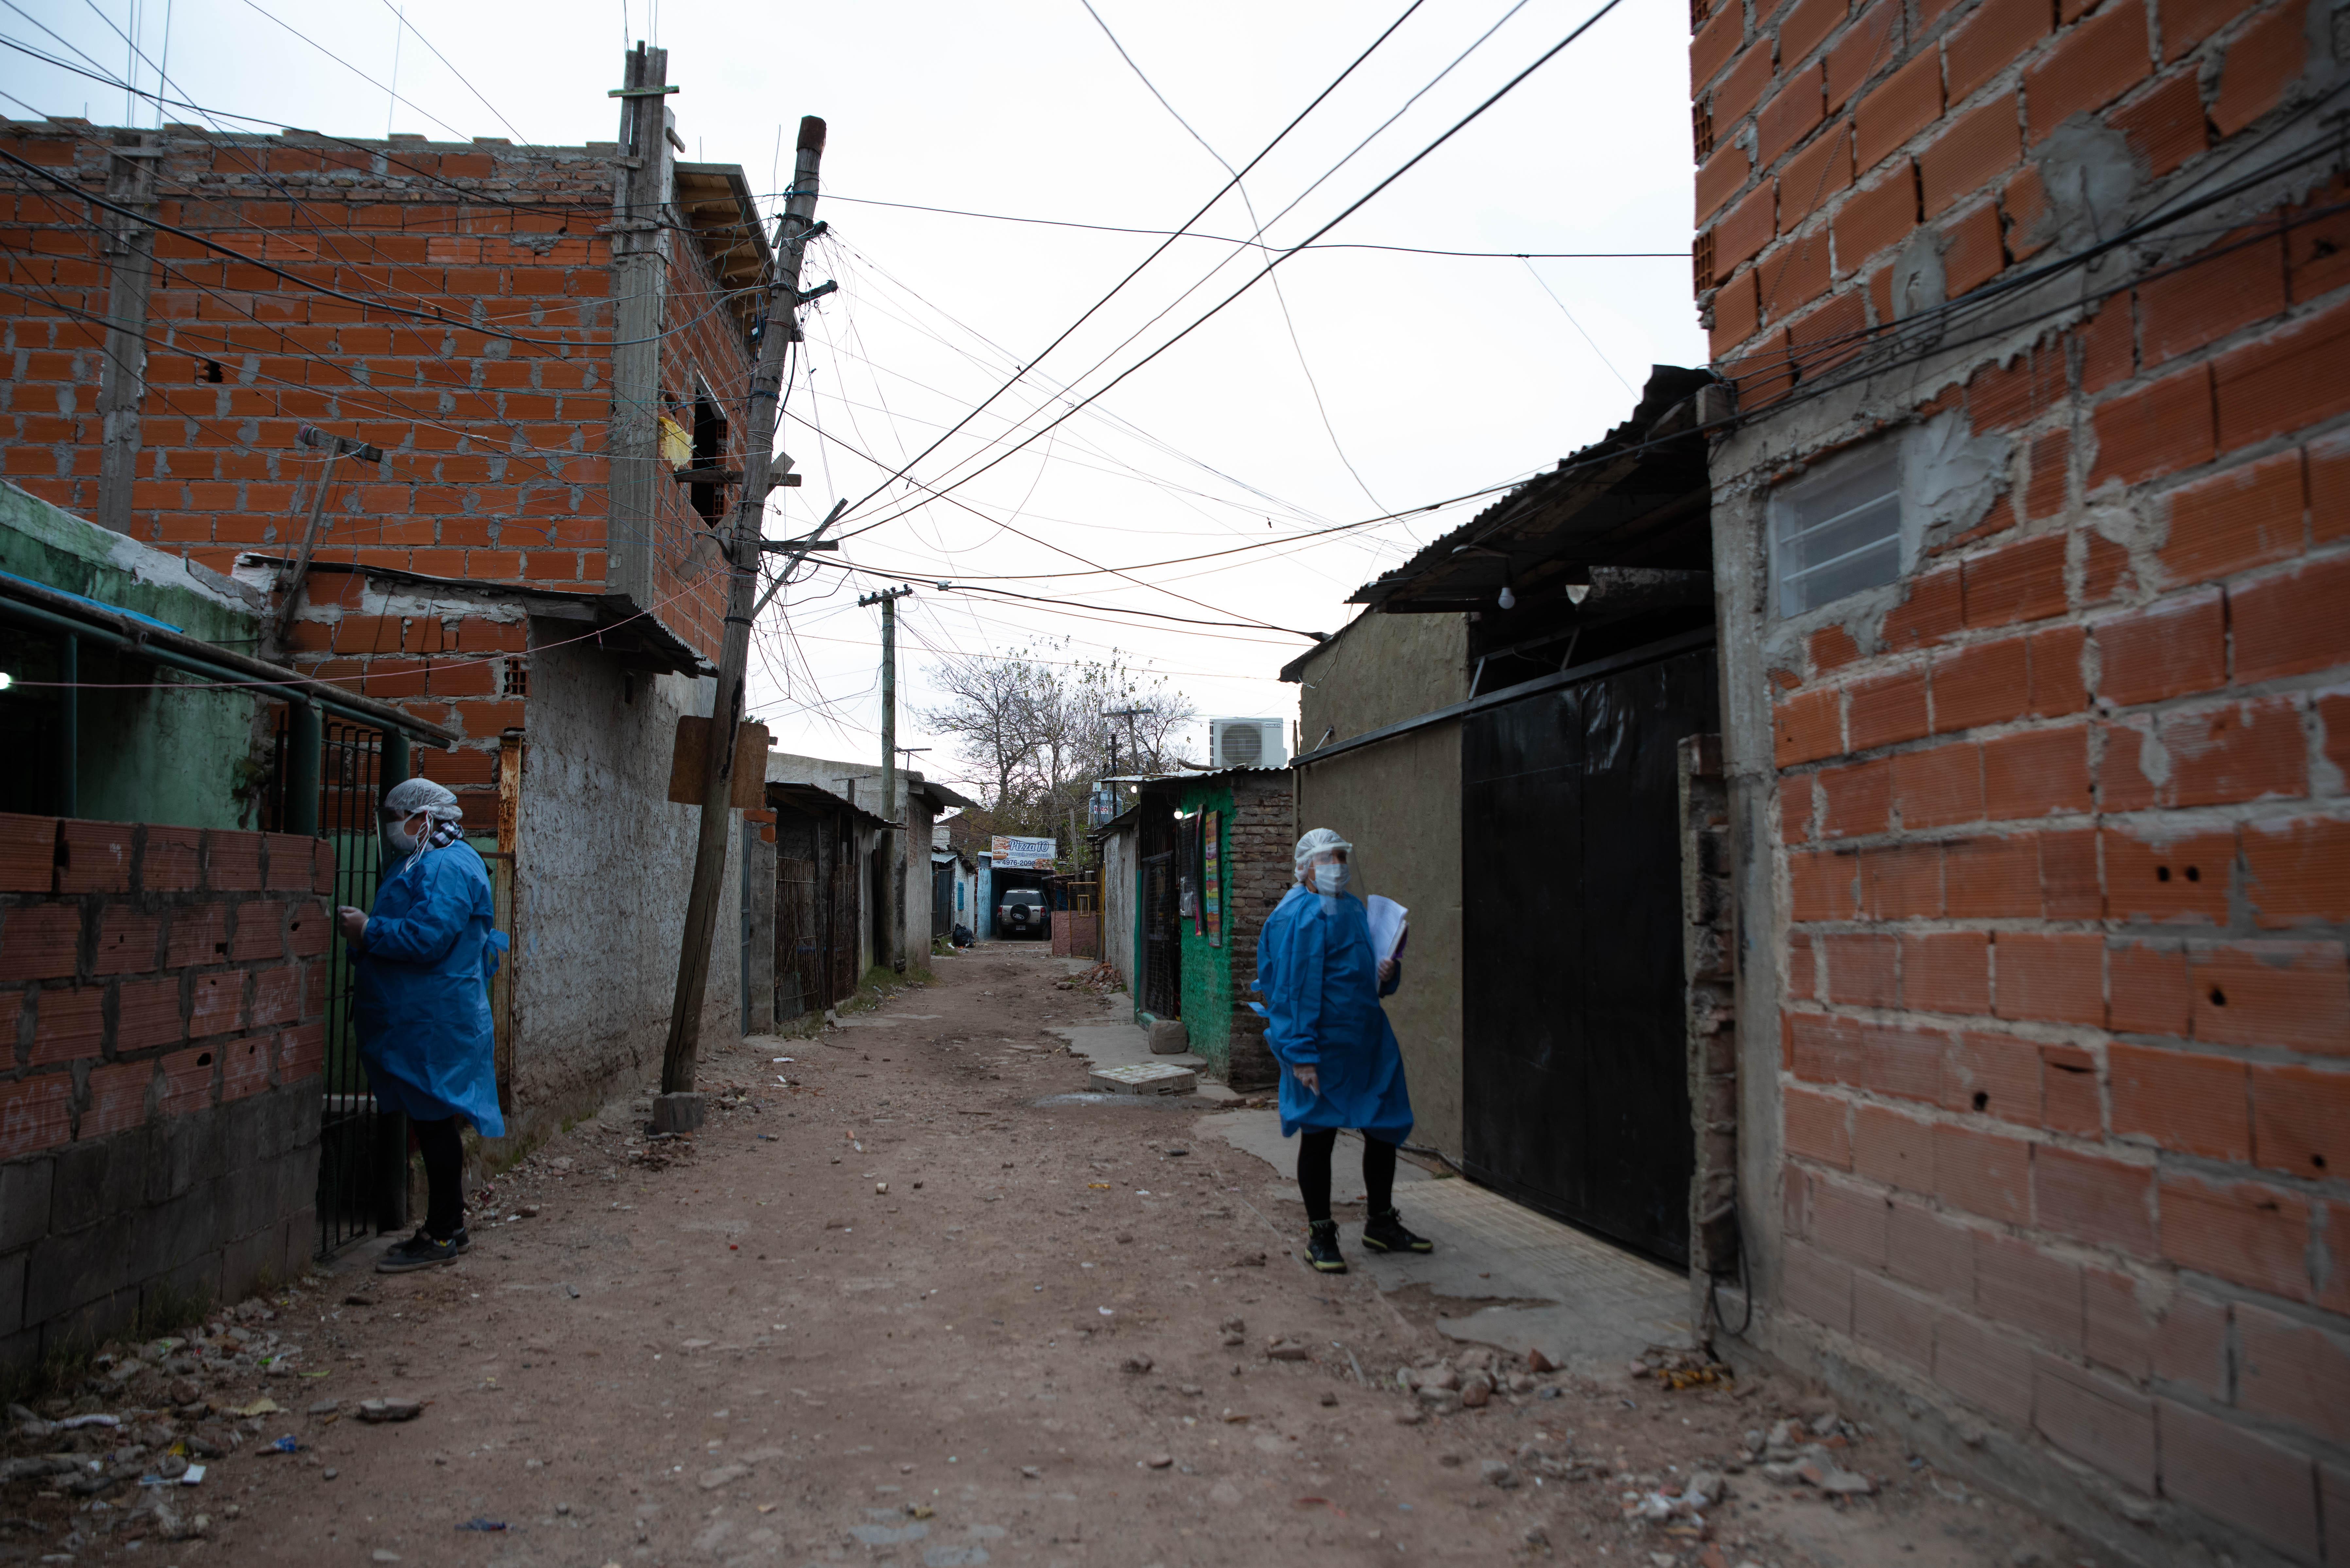 El barrio se formó en los años 60 con el asentamiento de cirujas alrededor de un basural